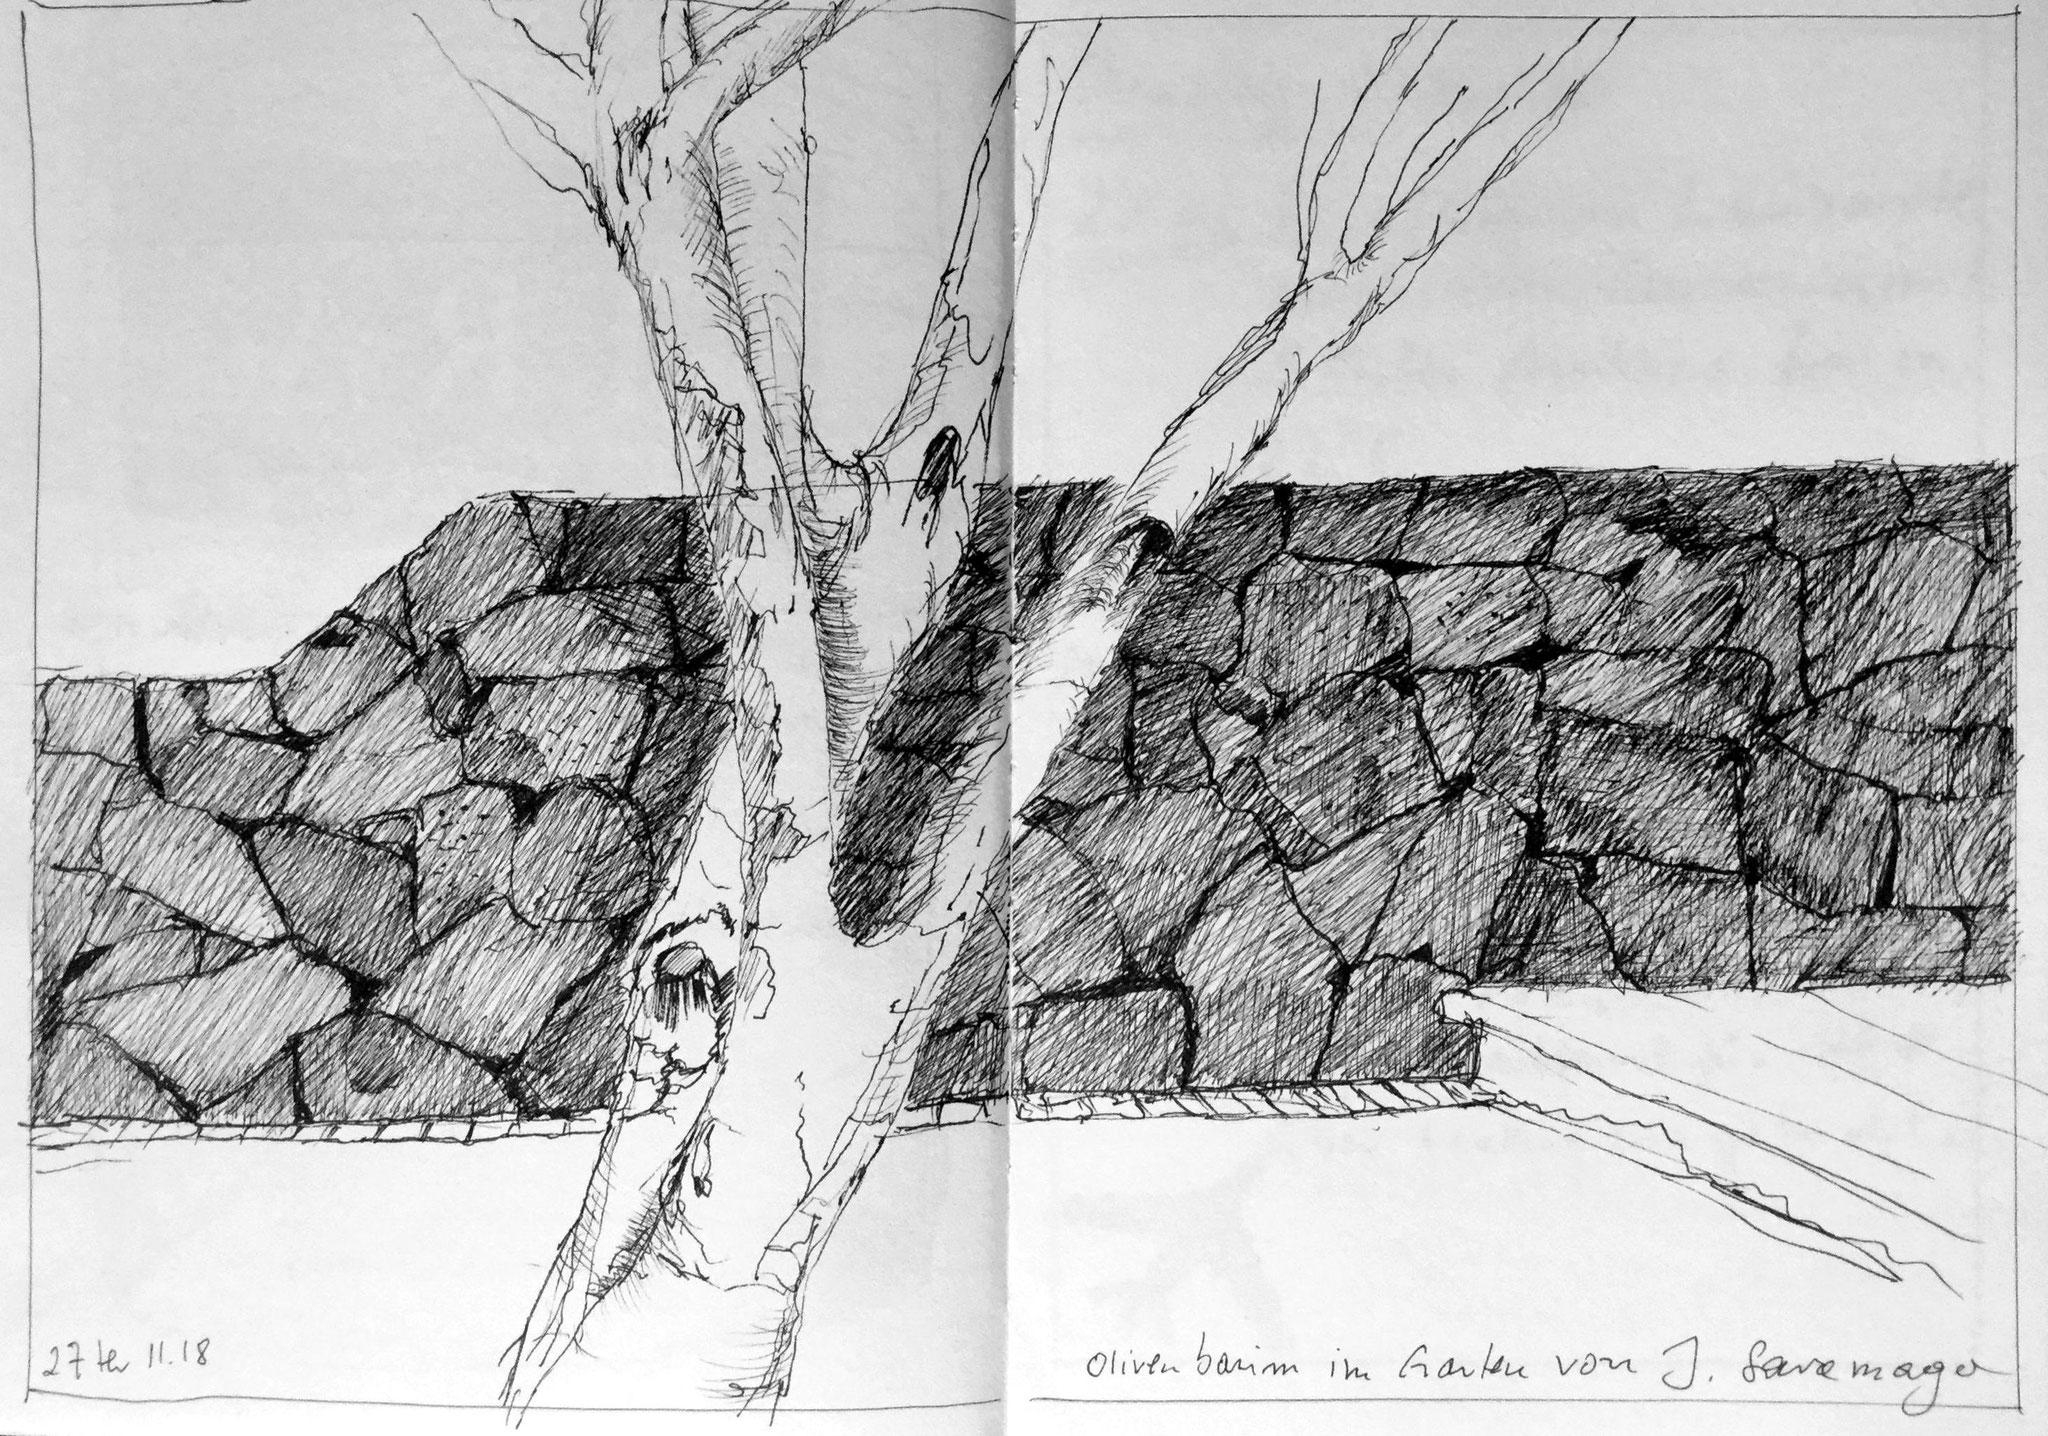 © 2018 Skizzenbuch Lanzarote, OLivenbaum im Garten von J. Saramago